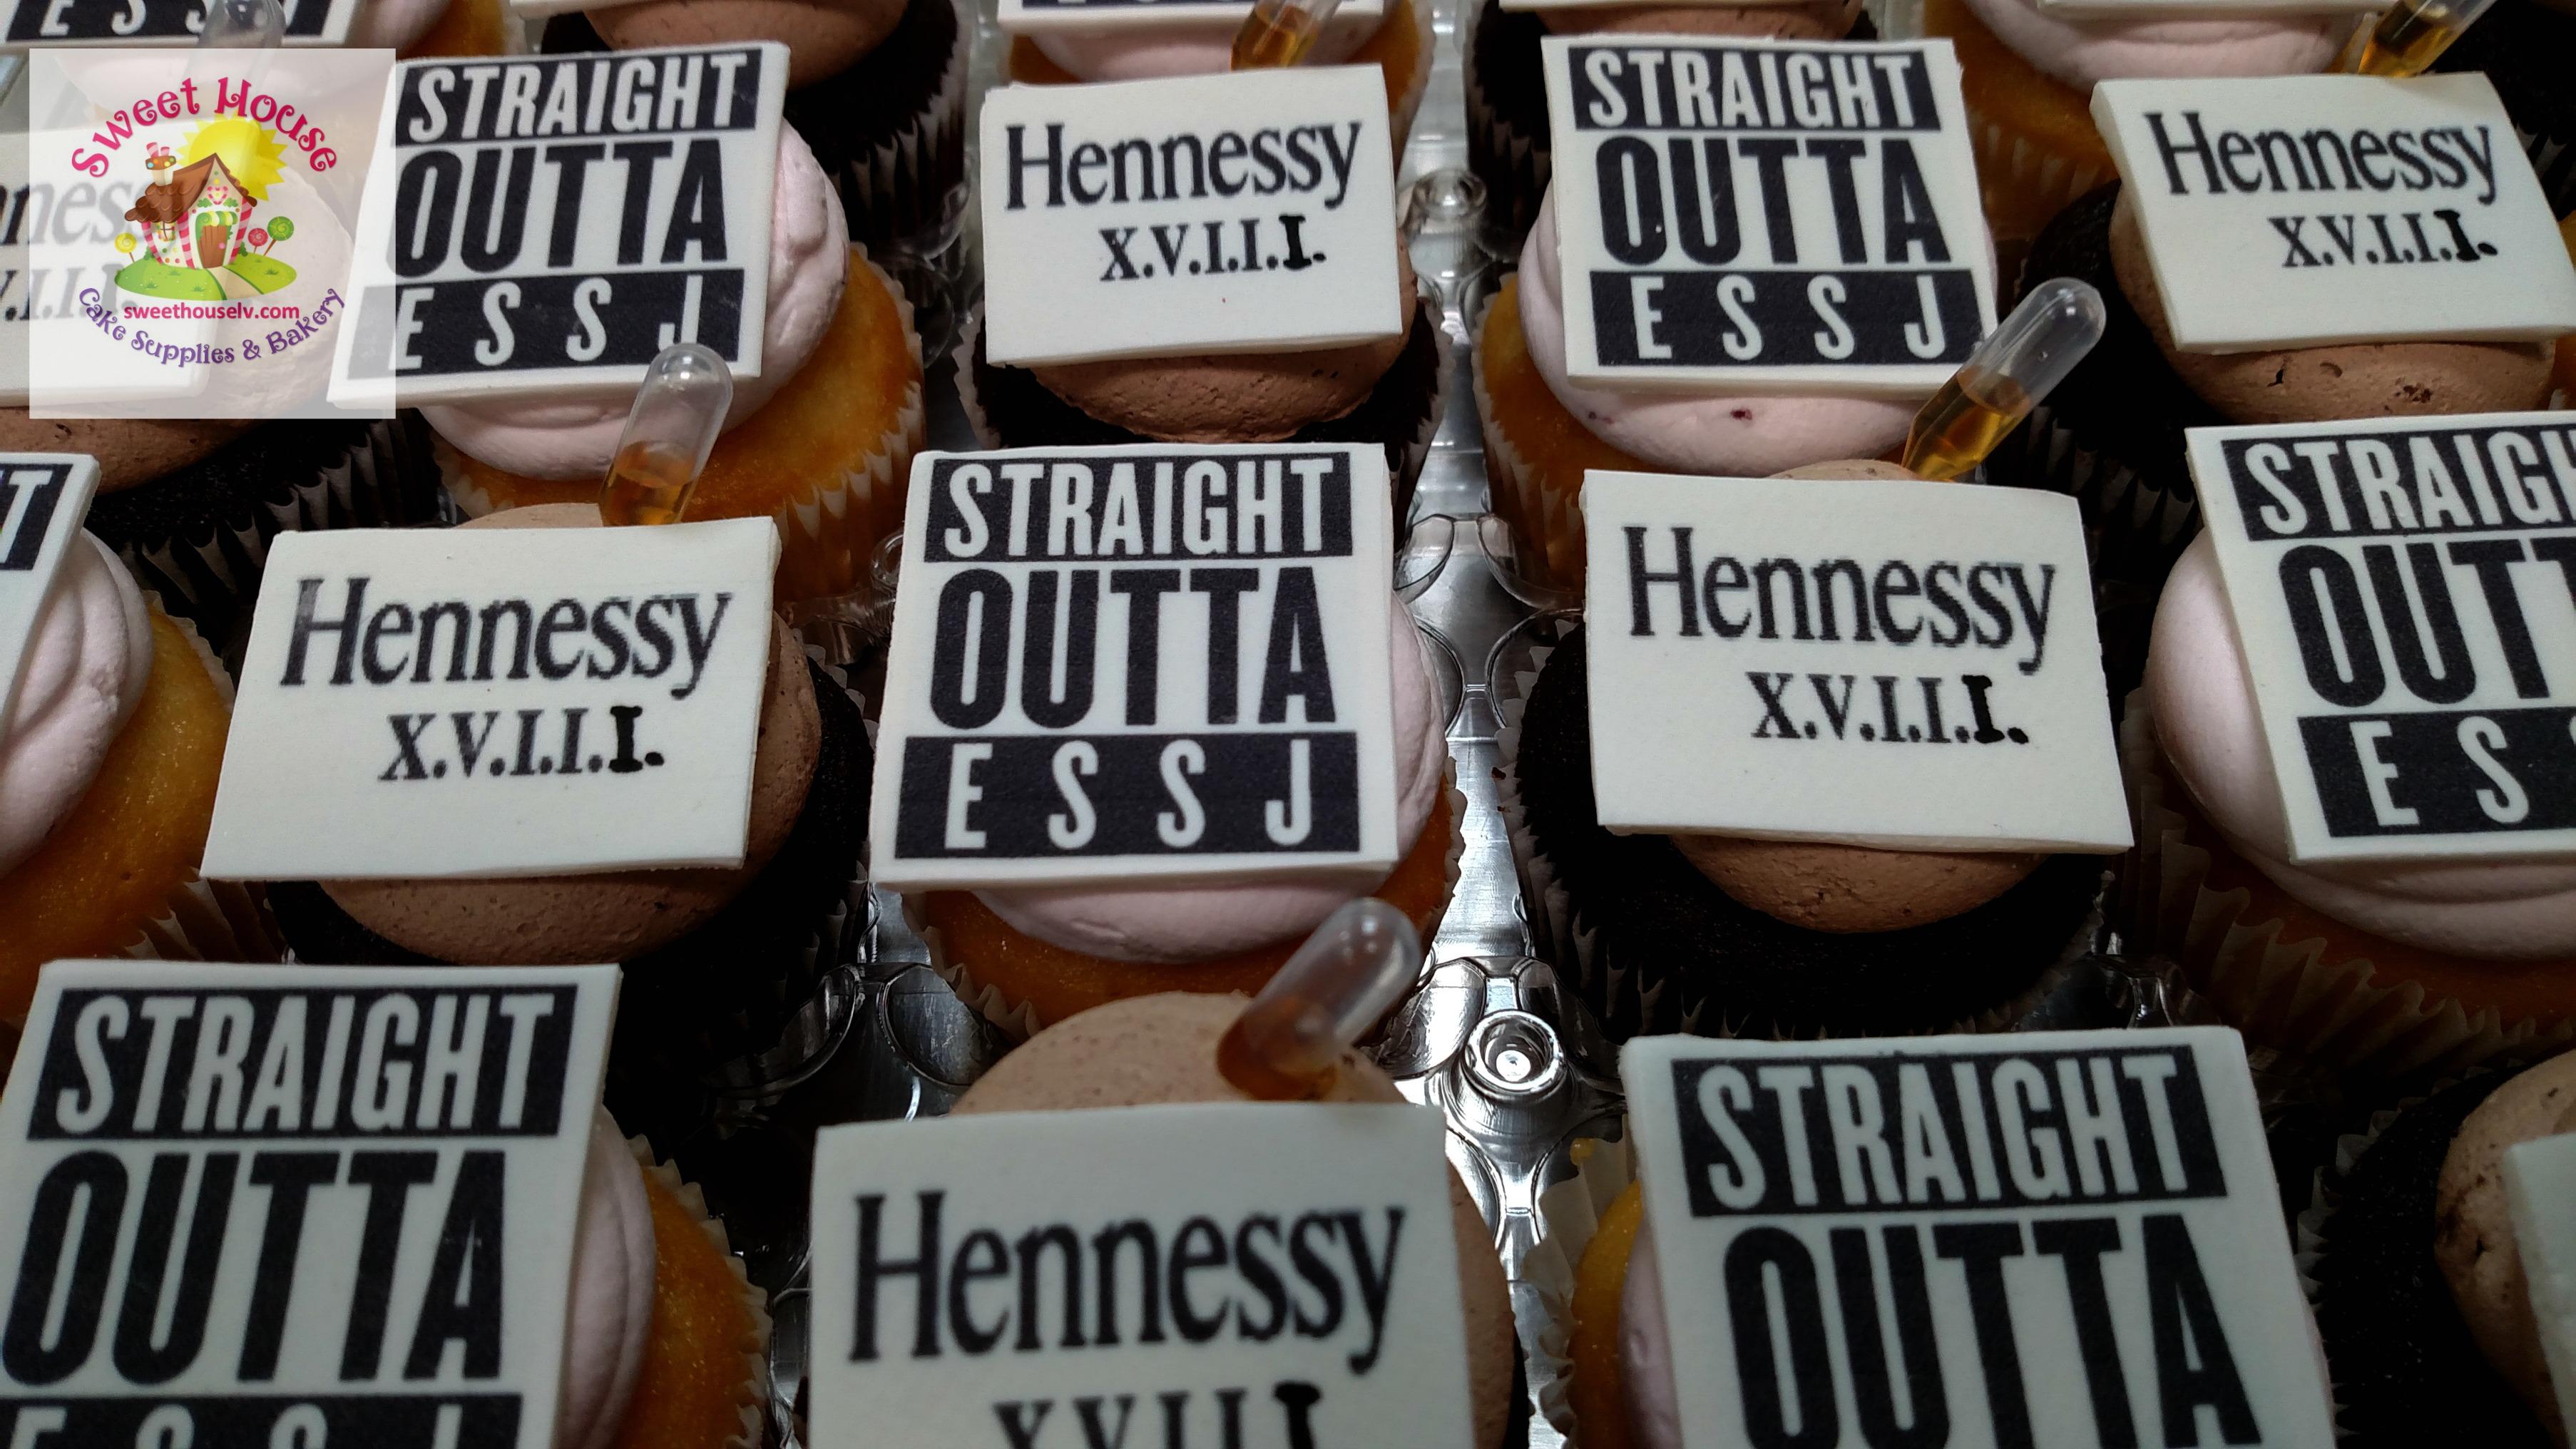 Straight Outta Essj Cupcakes